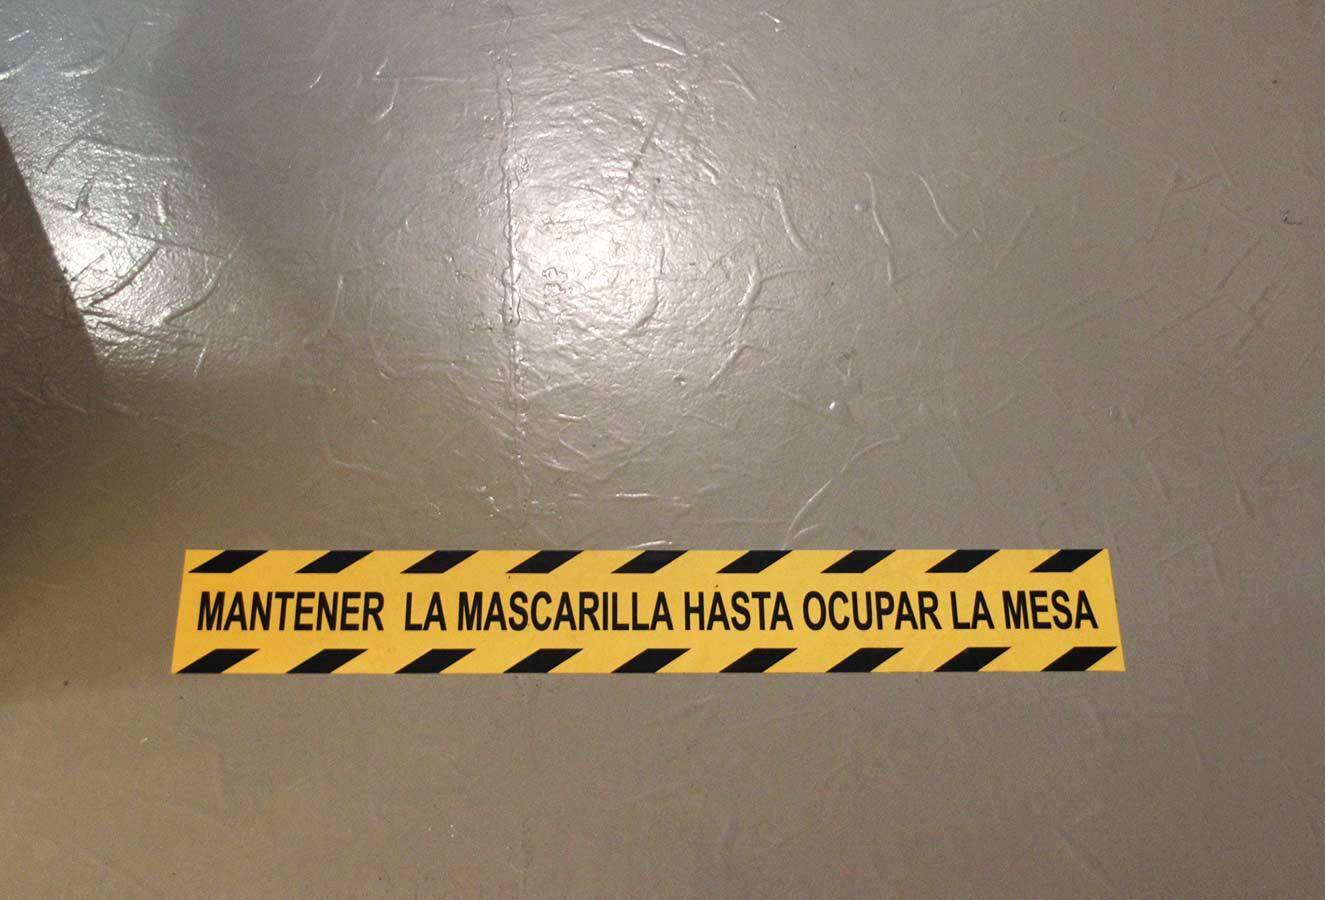 Trabajando para seguridad frente a coronavirus Eh Voilà! restaurante Valladolid